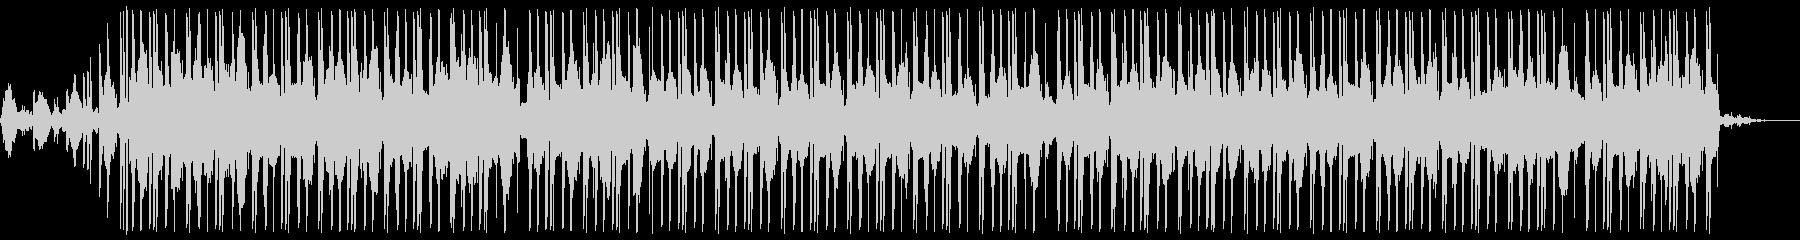 水とピアノの旋律が生み出すビートの未再生の波形